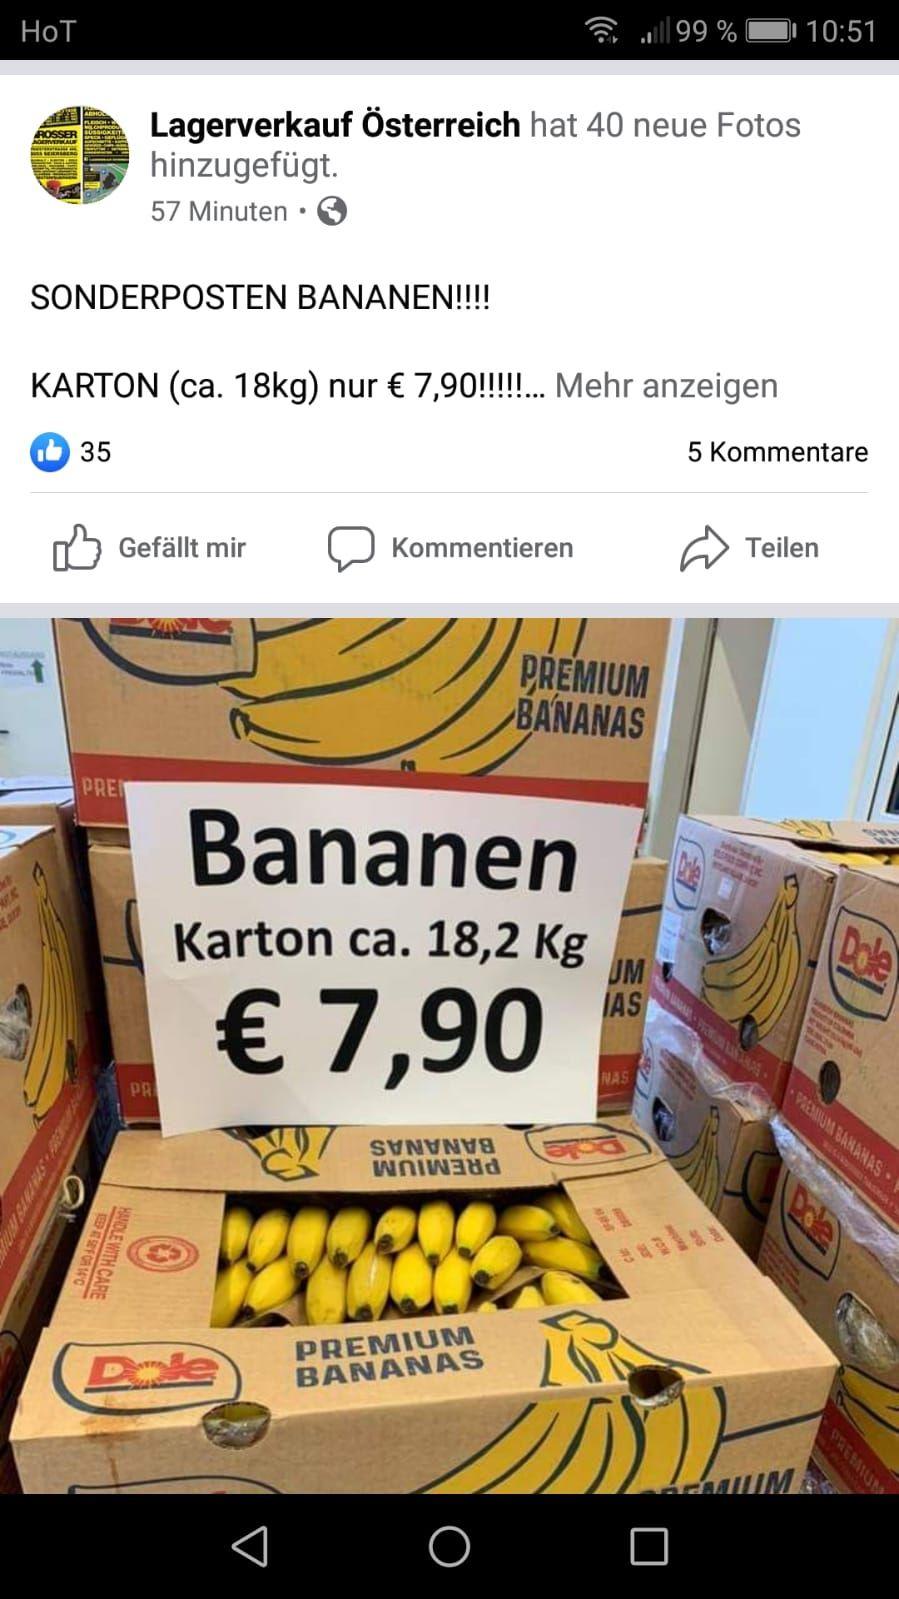 18 Kilo Bananen für 7.90 Euro kilo Preis ca. 44 Cent